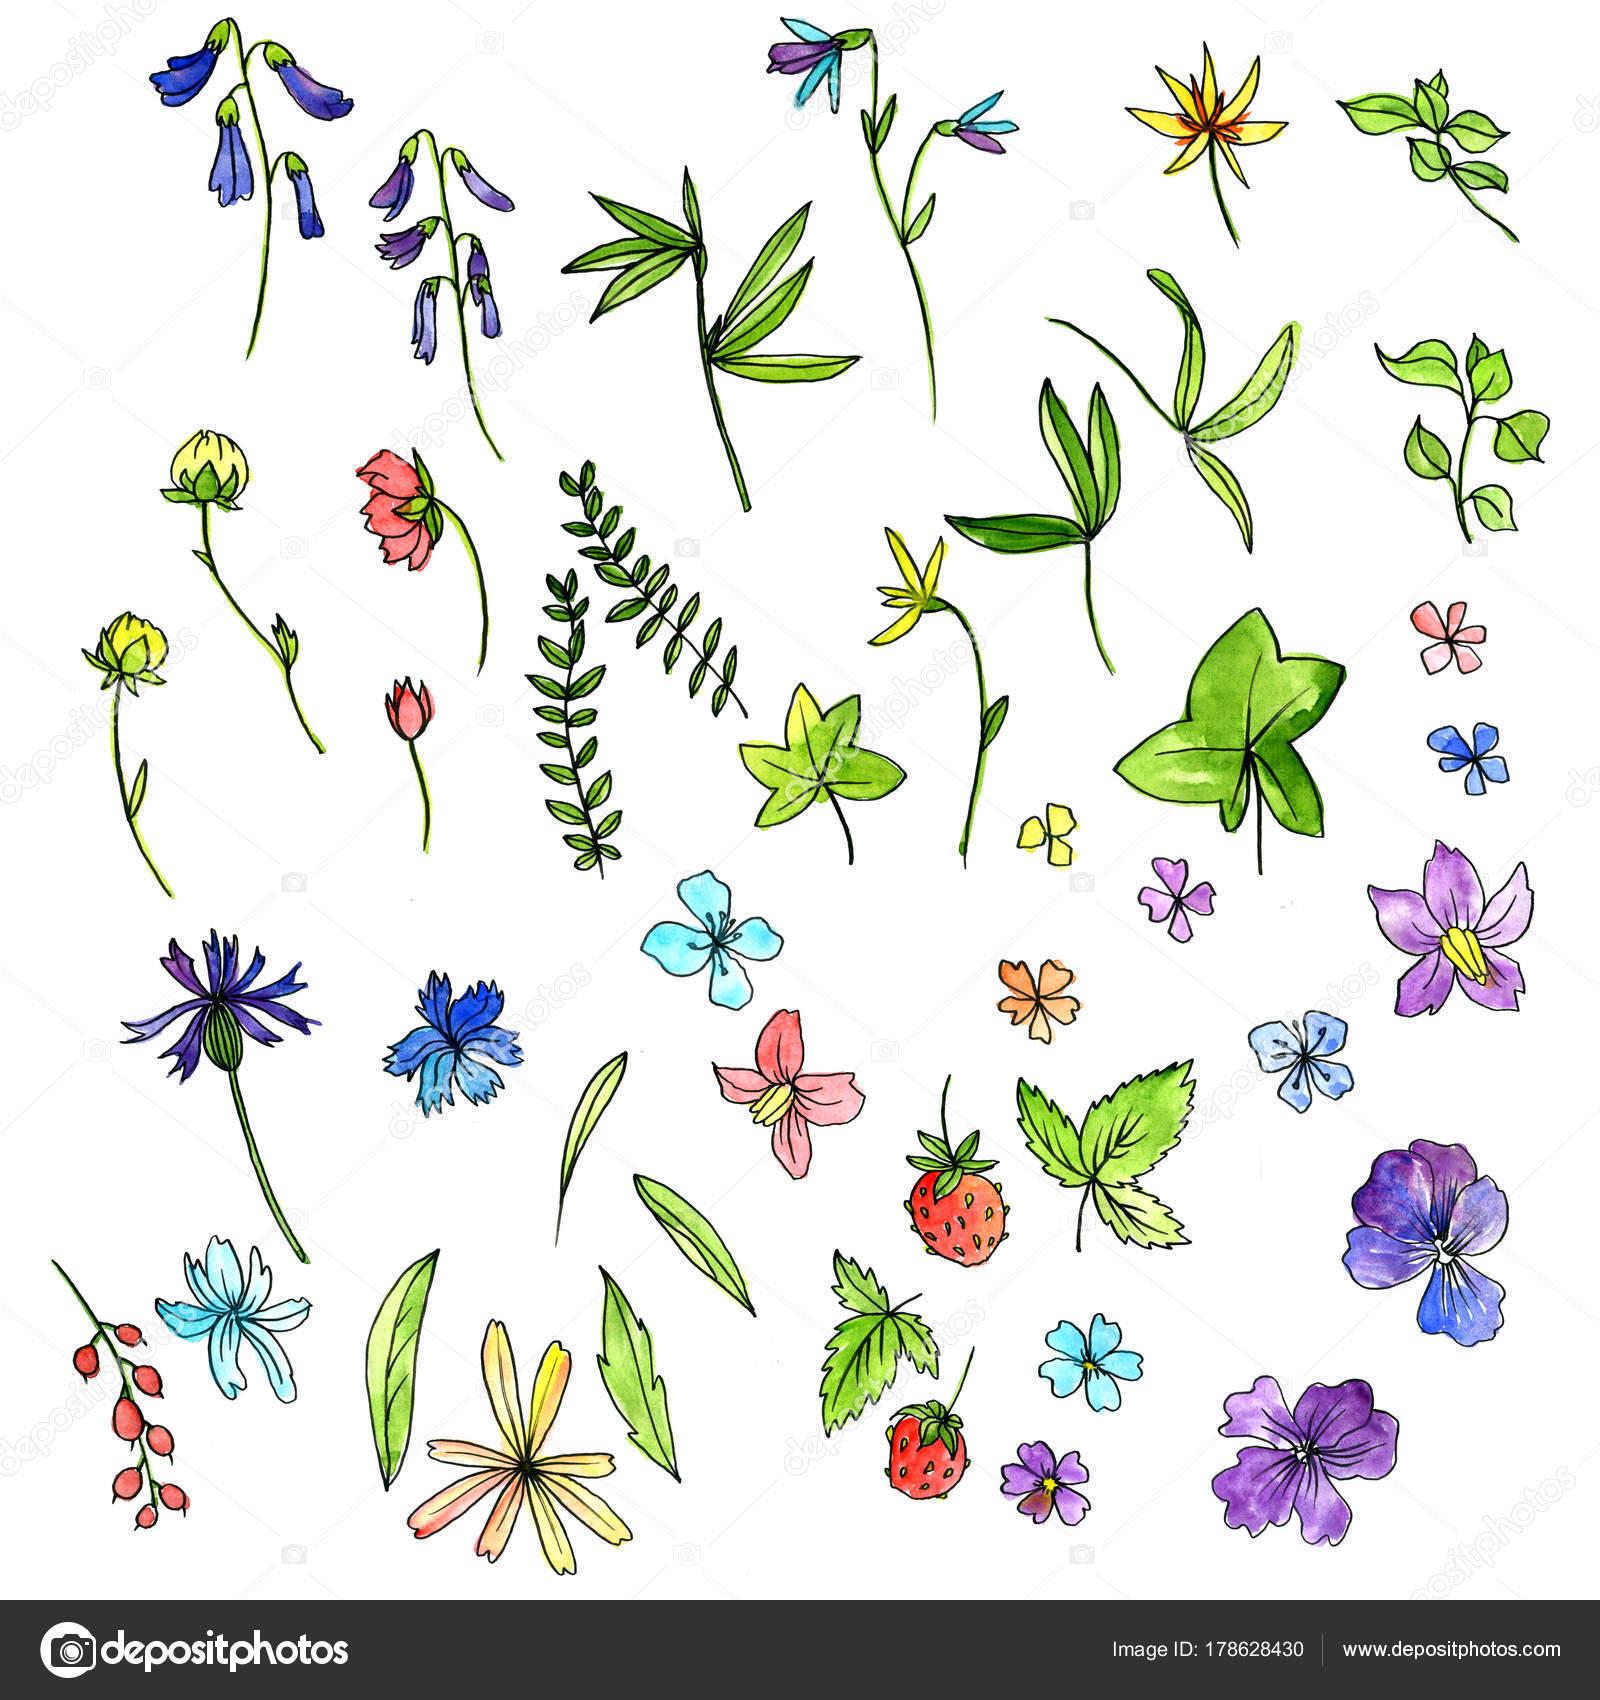 Aquarell Doodle Pflanzen und Blumen — Stockfoto © cat_arch_angel ...